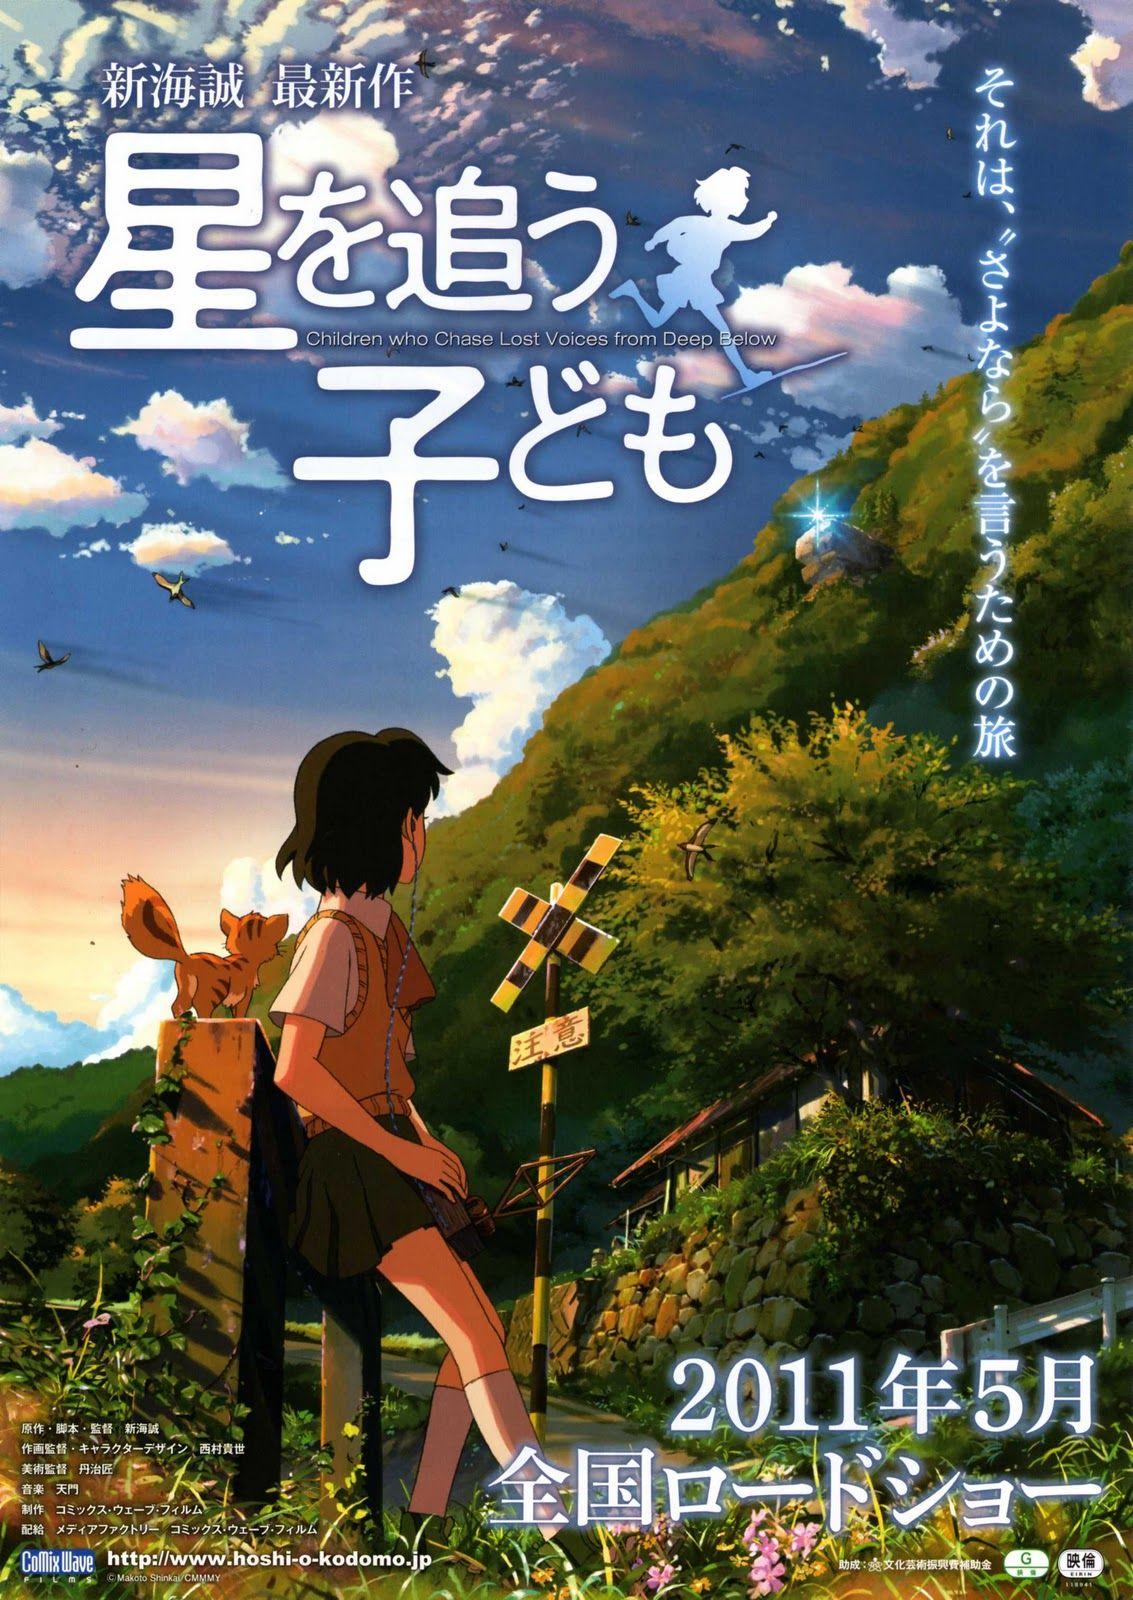 FileHoshioOuKodomo.jpg 维基百科,自由的百科全书 Paesaggi anime